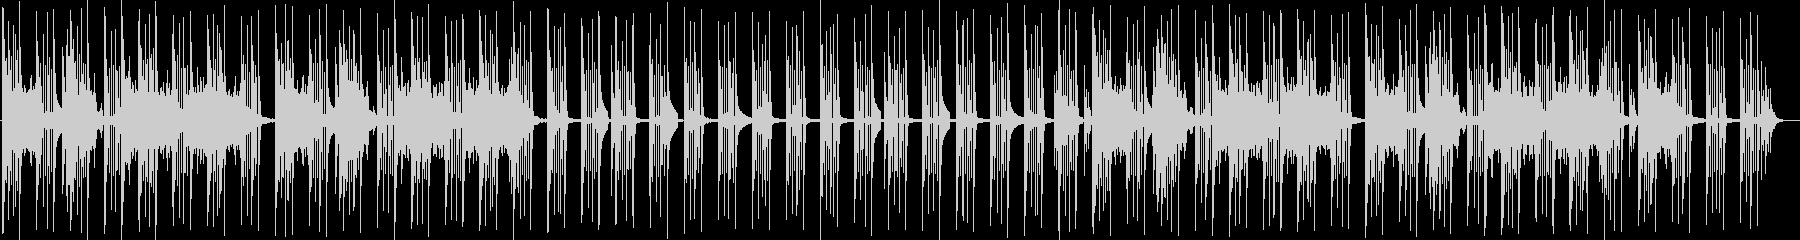 気だるいイメージの曲の未再生の波形